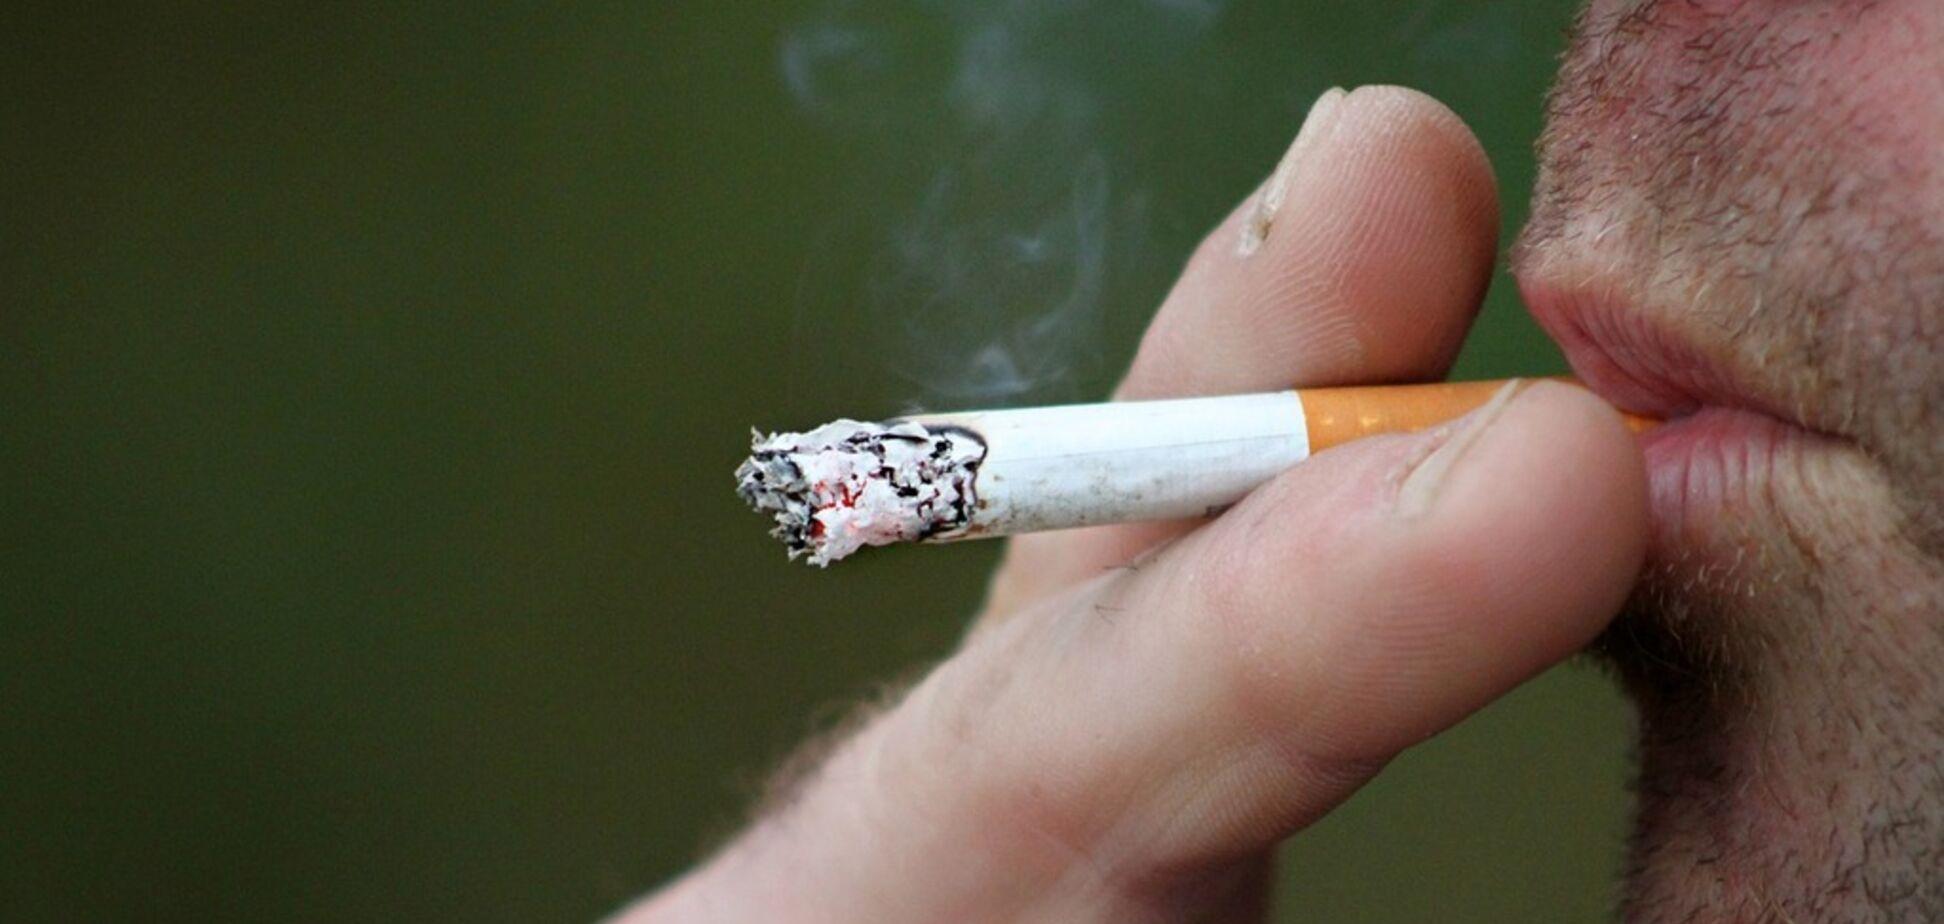 Експерти розповіли, як куріння зменшує пеніс